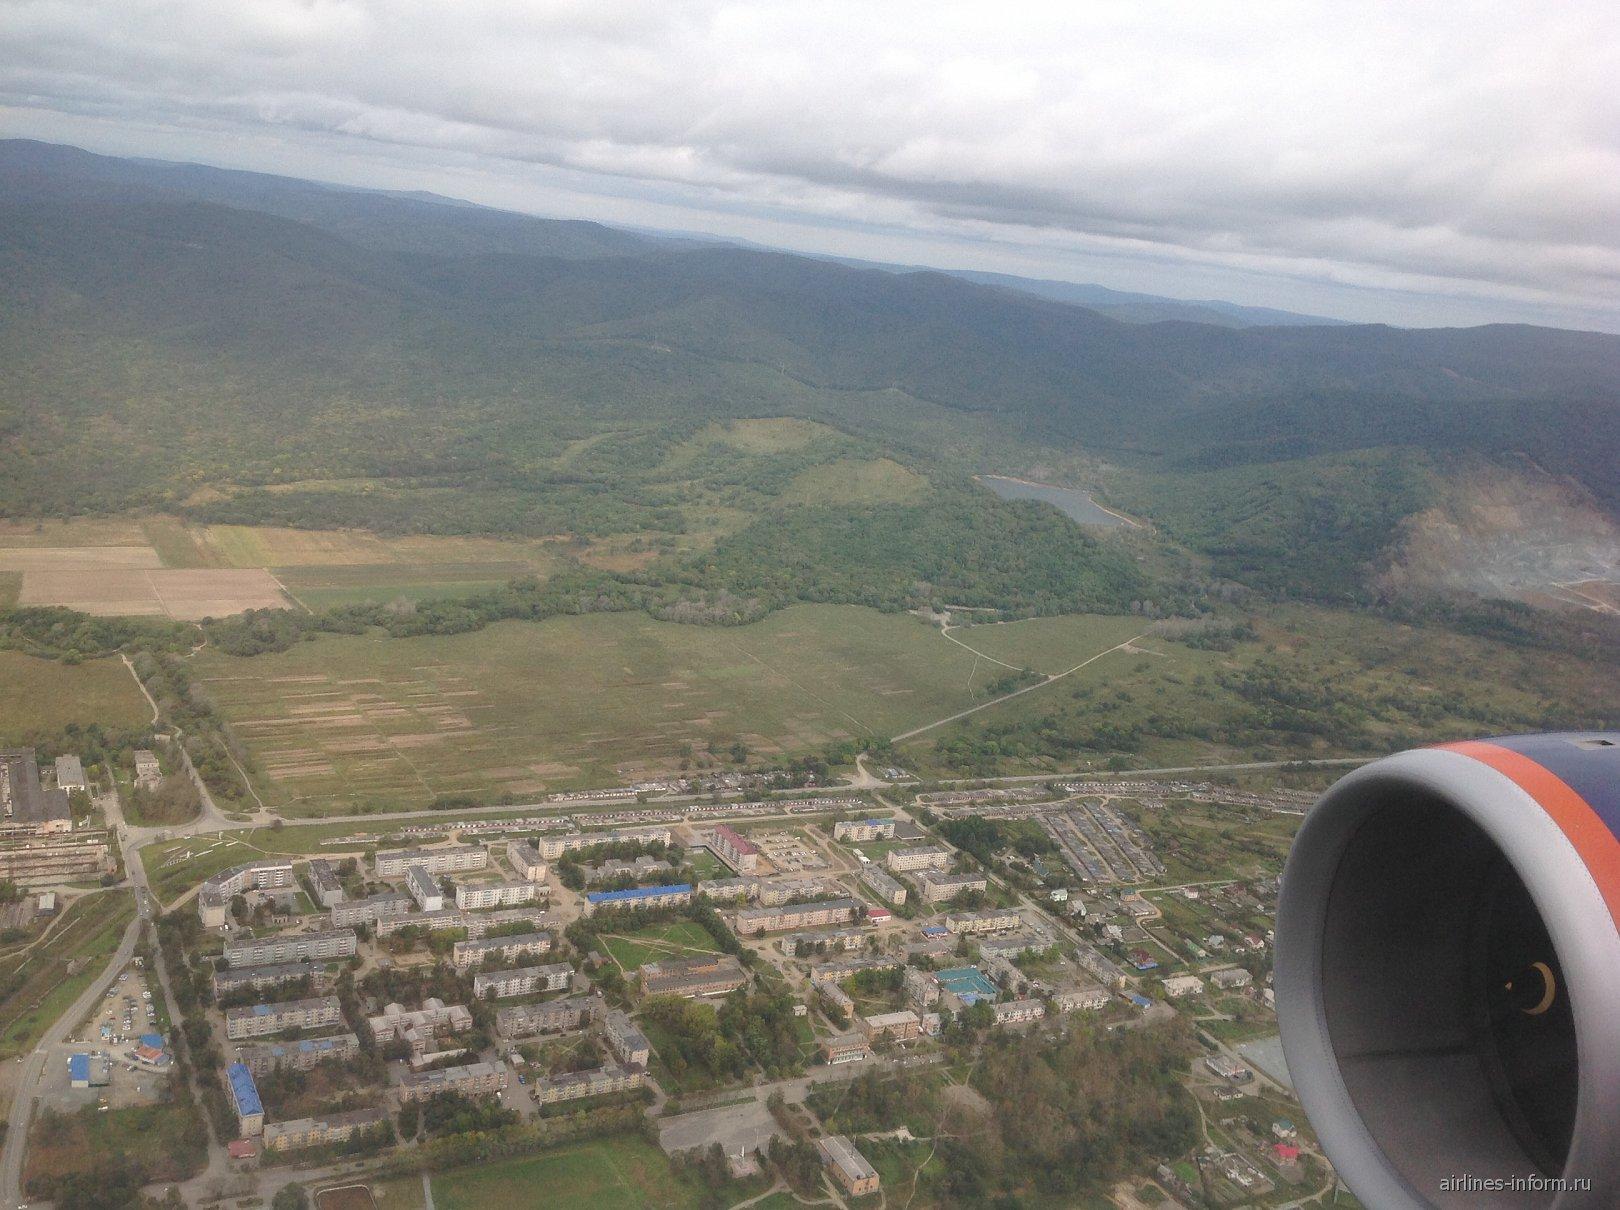 Над поселком Артем рядом с аэропортом Владивостока